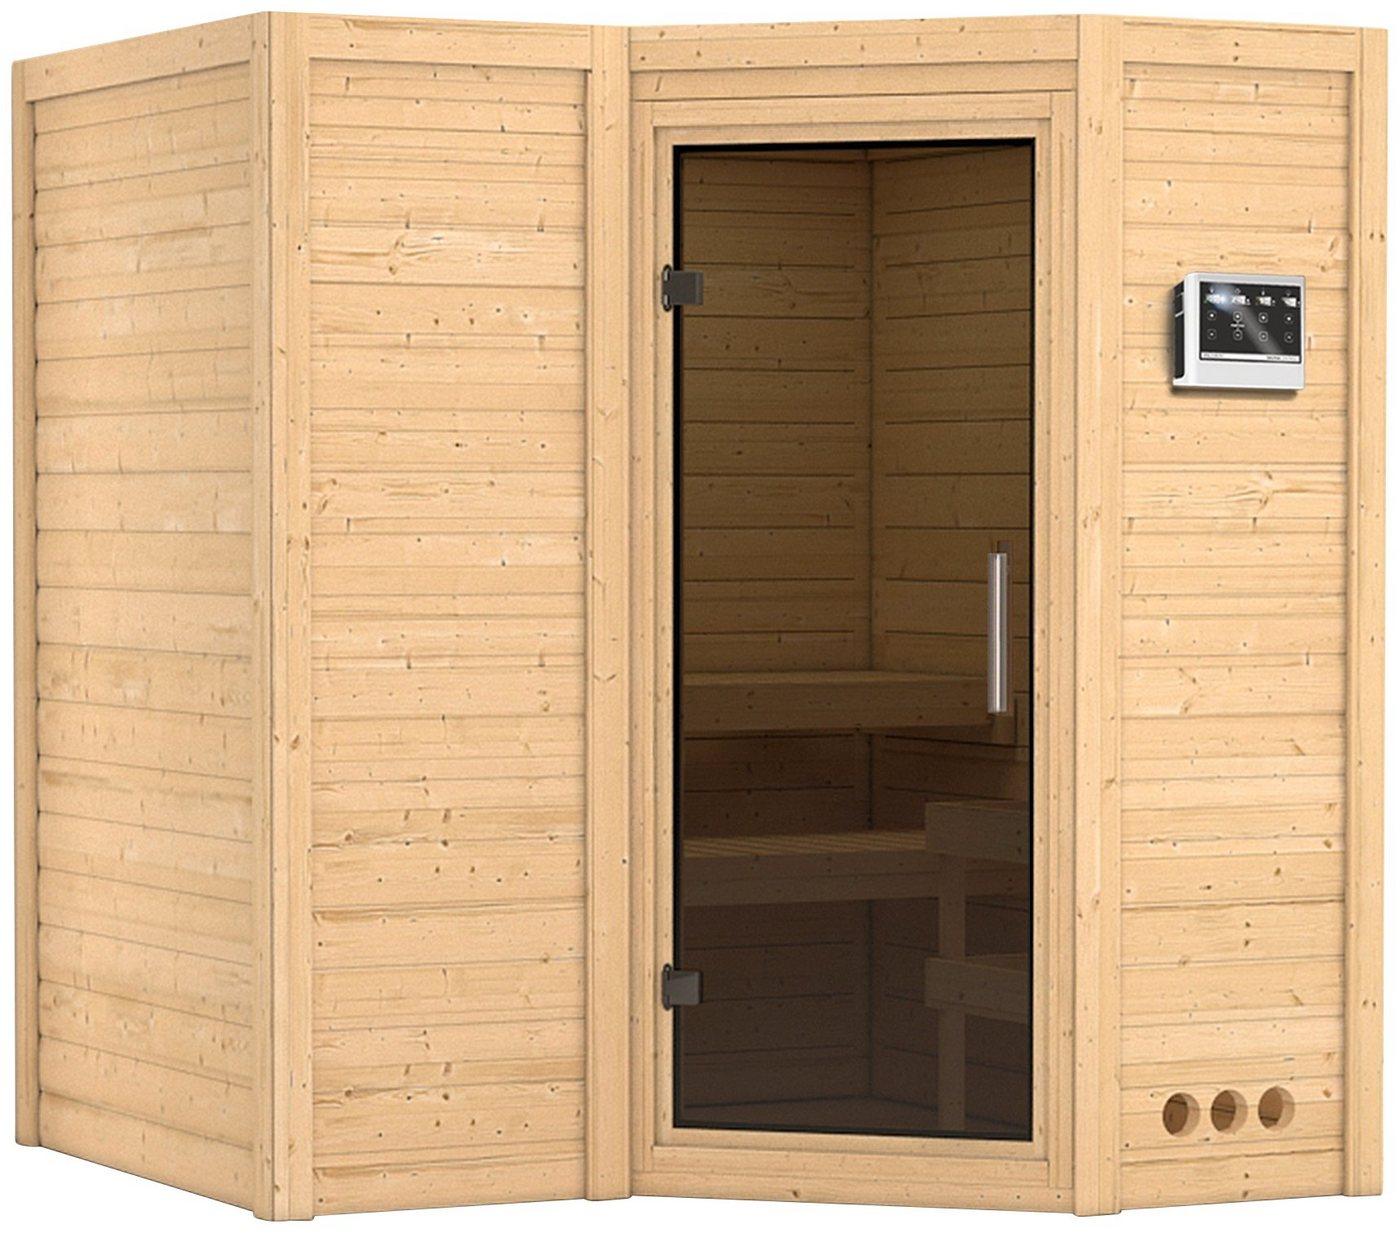 KARIBU Sauna »Sahib 1«, 193/184/206 cm, 9-kW-Bio-Ofen mit ext. Strg., Glastür grafit